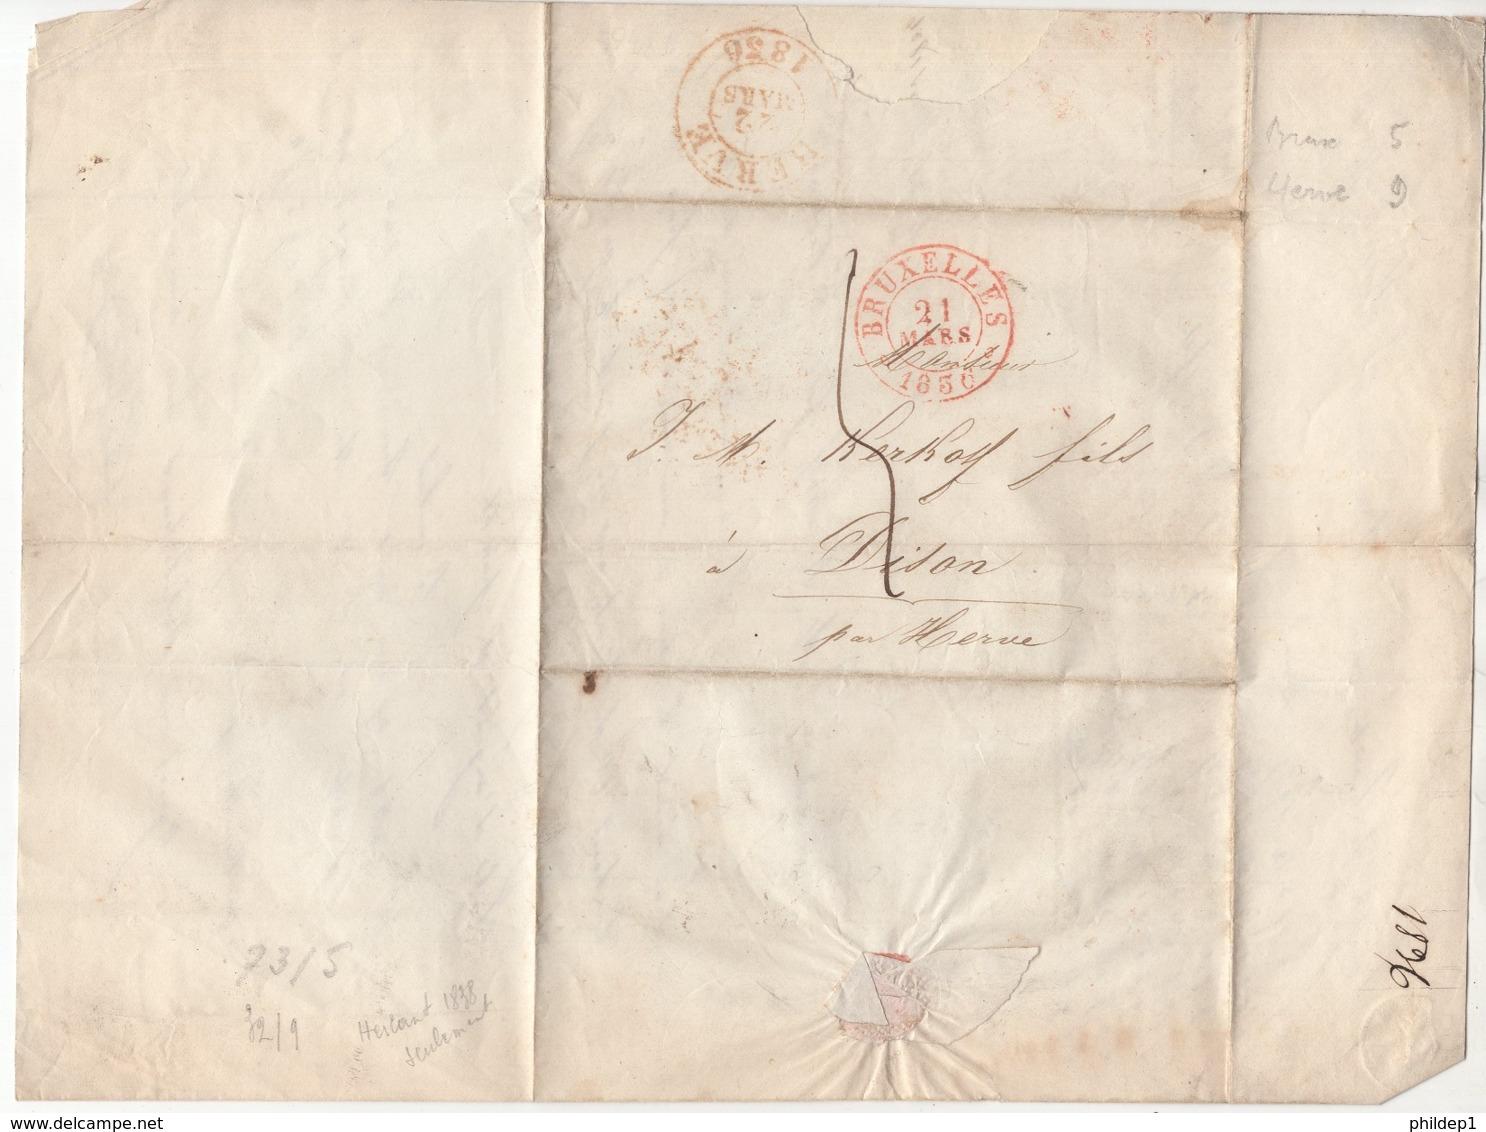 Précurseur Envoyé De Bruxelles Vers Dison En 1836. Je N'y Connais Pas Grand Chose - 1830-1849 (Belgique Indépendante)